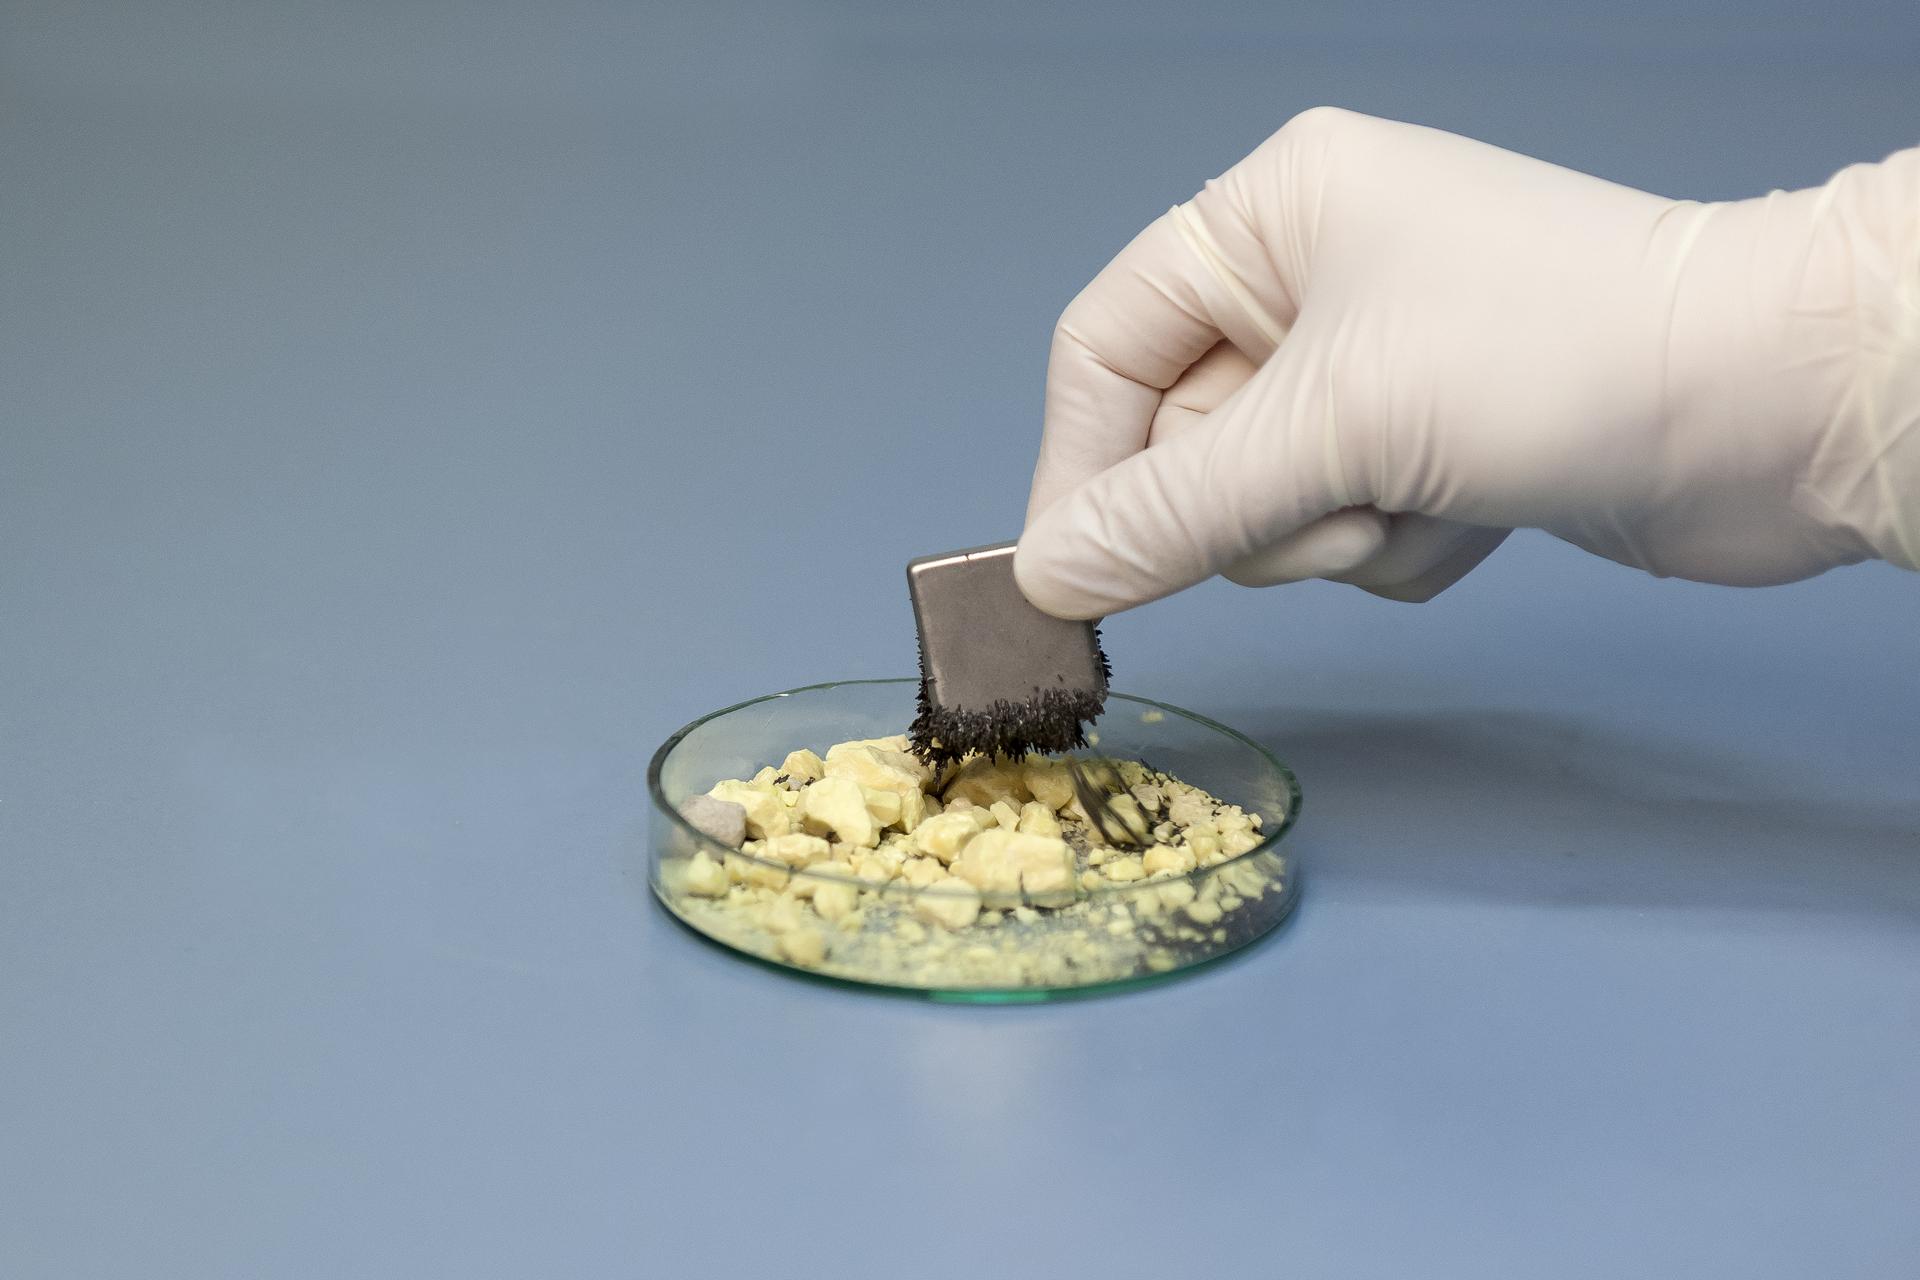 Zdjęcie przedstawia rozdzielanie mieszaniny siarki iżelaza za pomocą magnesu. Na płaskim szklanym naczyniu znajdują się żółte kawałki siarki pokryte czarnymi opiłkami żelaza. Do naczynia zbliża się dłoń wlateksowej rękawiczce trzymająca magnes. Do magnesu przylegają odciągnięte zmieszaniny drobiny żelaza.